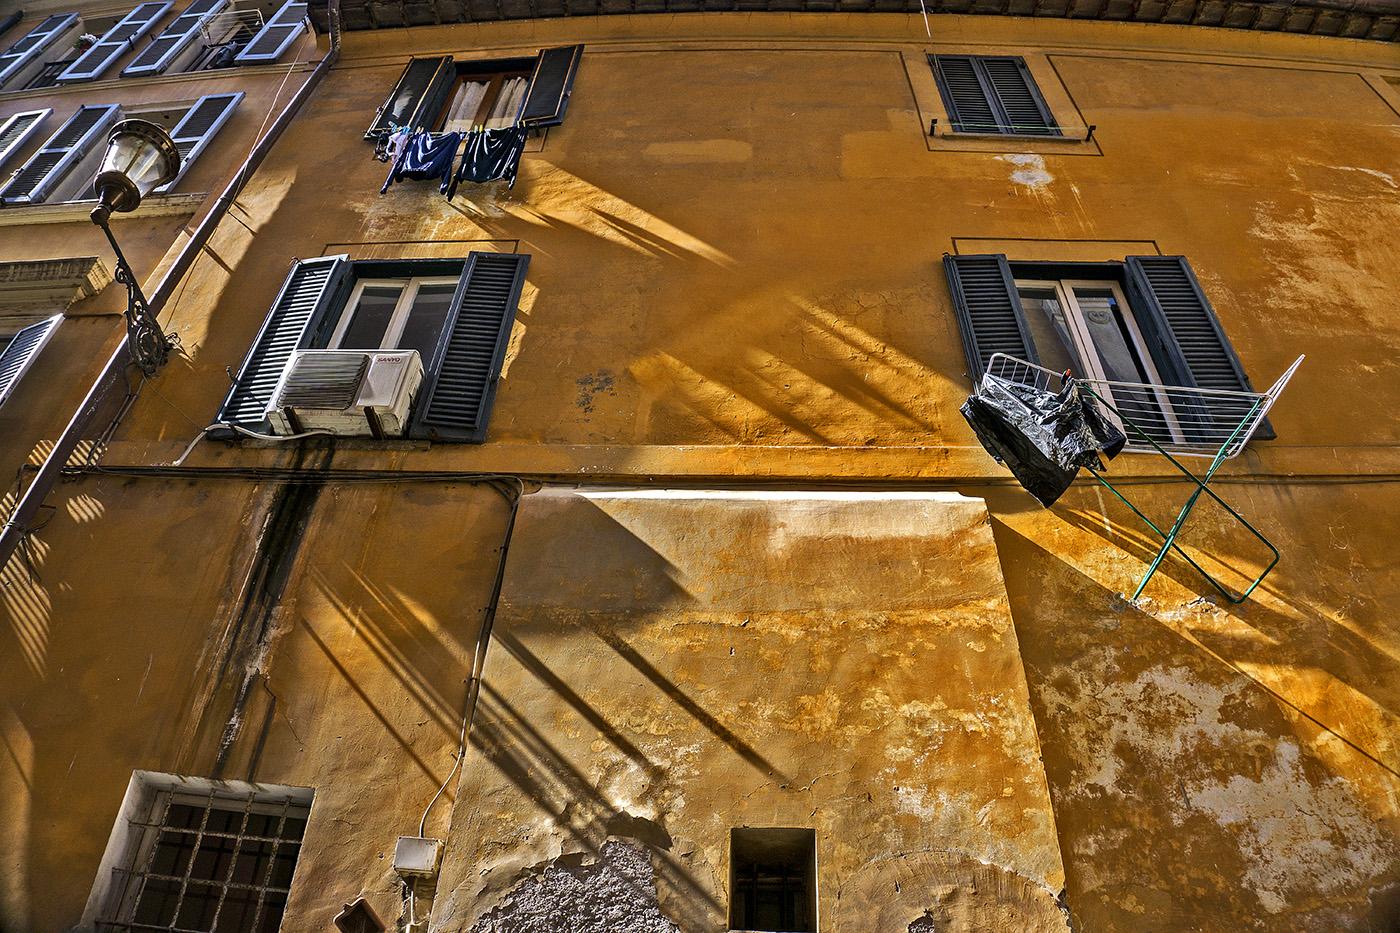 Street scene in Rome, Italy